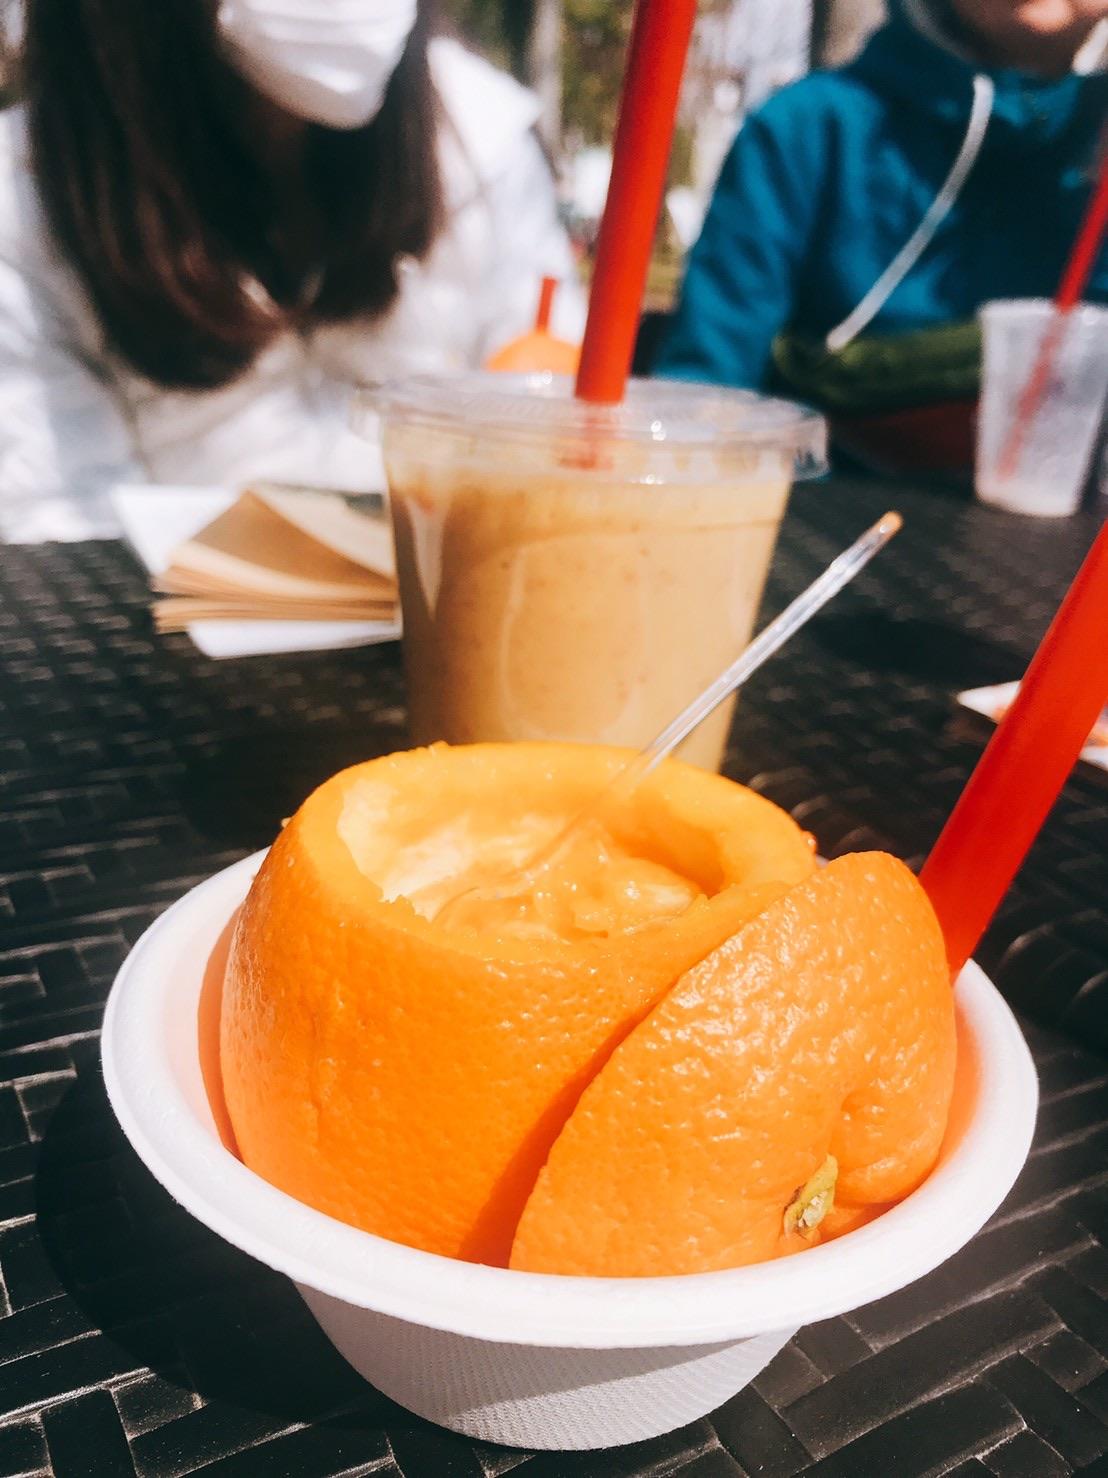 ウォーキング部門終了後はいつものお楽しみマルシェ♪今日は生絞りオレンジジュースをいただきました♡身体に染み込んでいくのがわかります☆